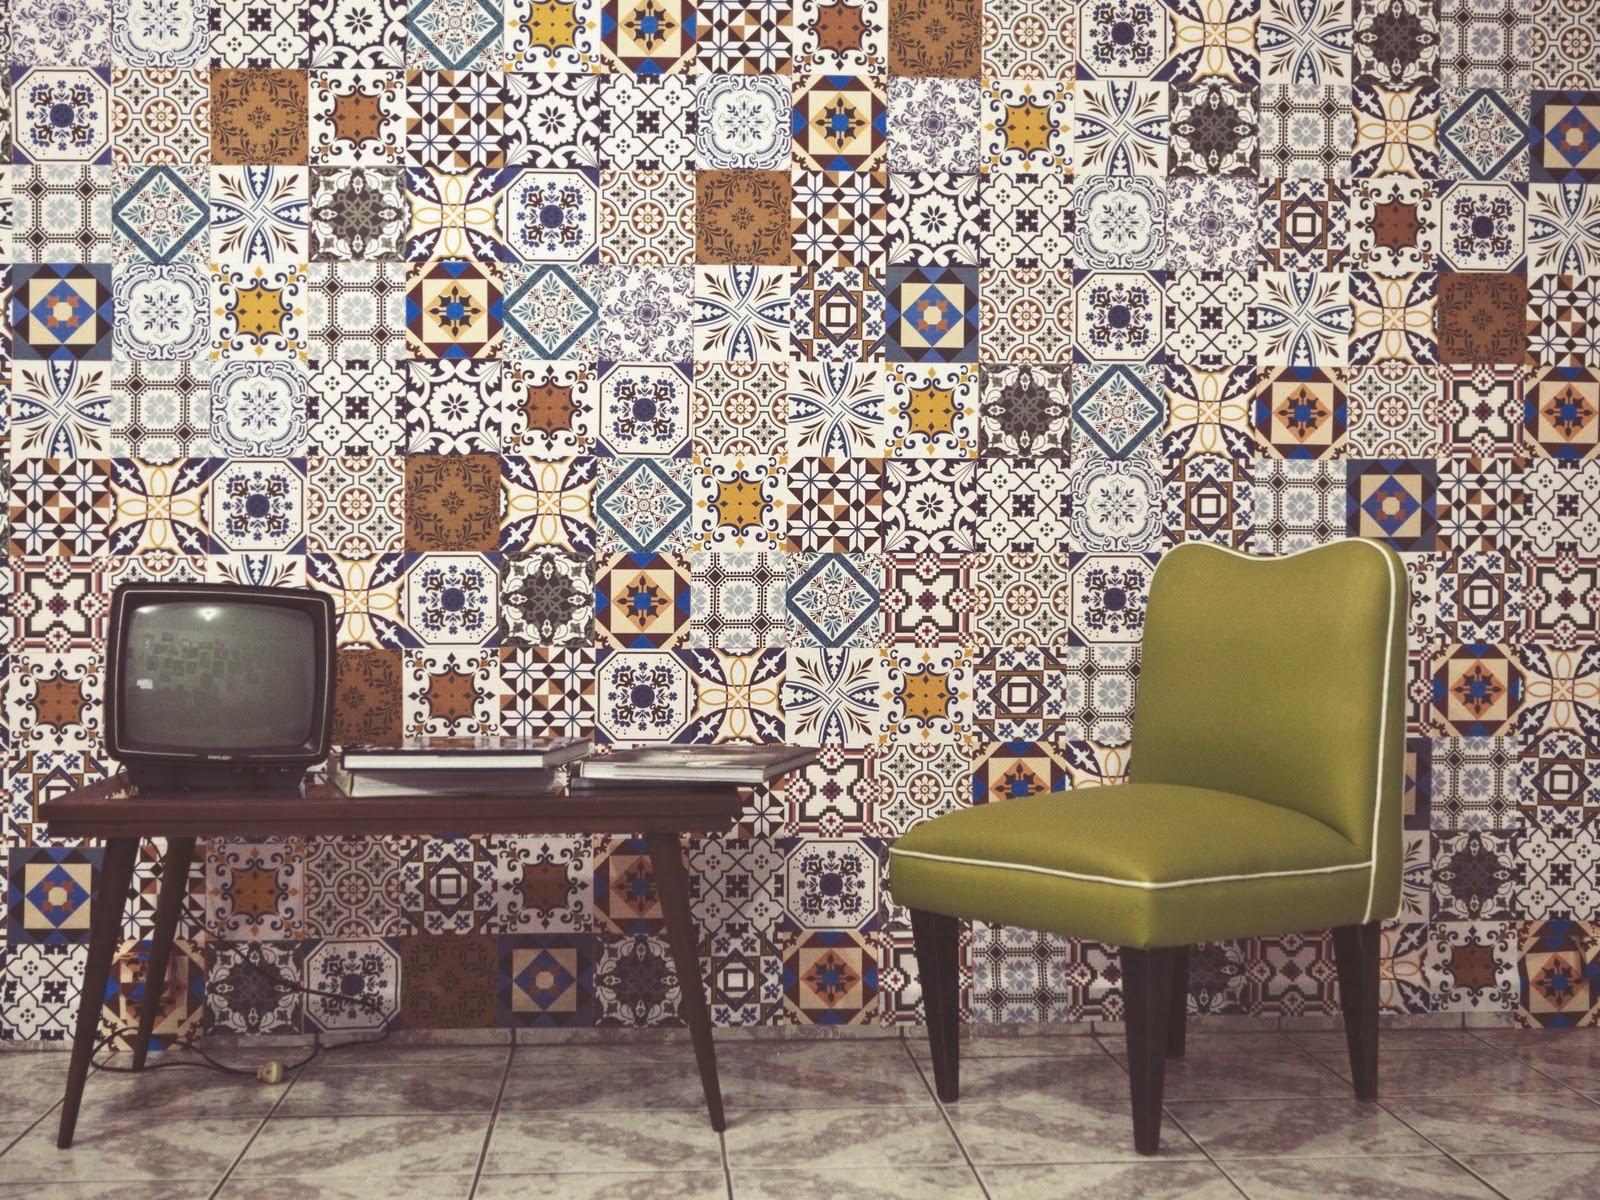 azulejos que contribuíram pra quebrar a sisudez do ambiente. Parece #966A35 1600x1200 Banheiro Com Azulejo Patchwork